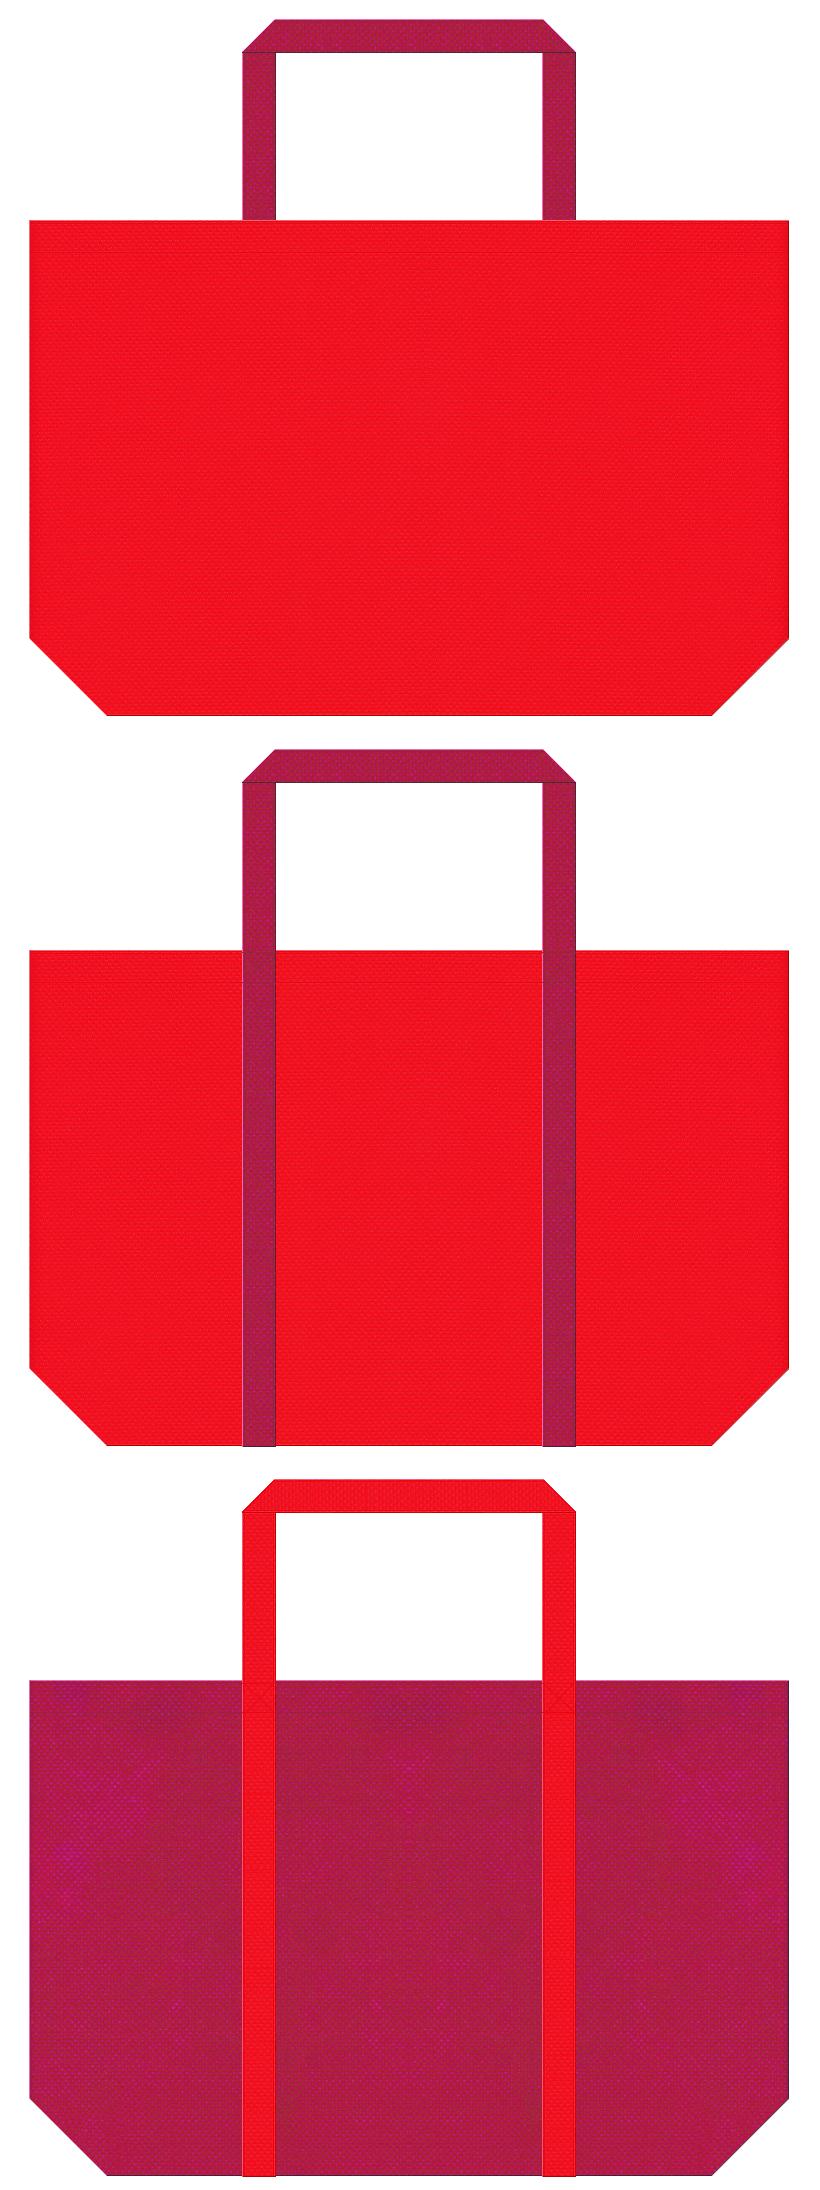 祇園・舞妓・絢爛・花吹雪・茶会・和傘・邦楽演奏会・和風催事・観光・お祭り・法被・お正月・福袋にお奨めの不織布バッグデザイン:赤色と濃いピンク色のコーデ